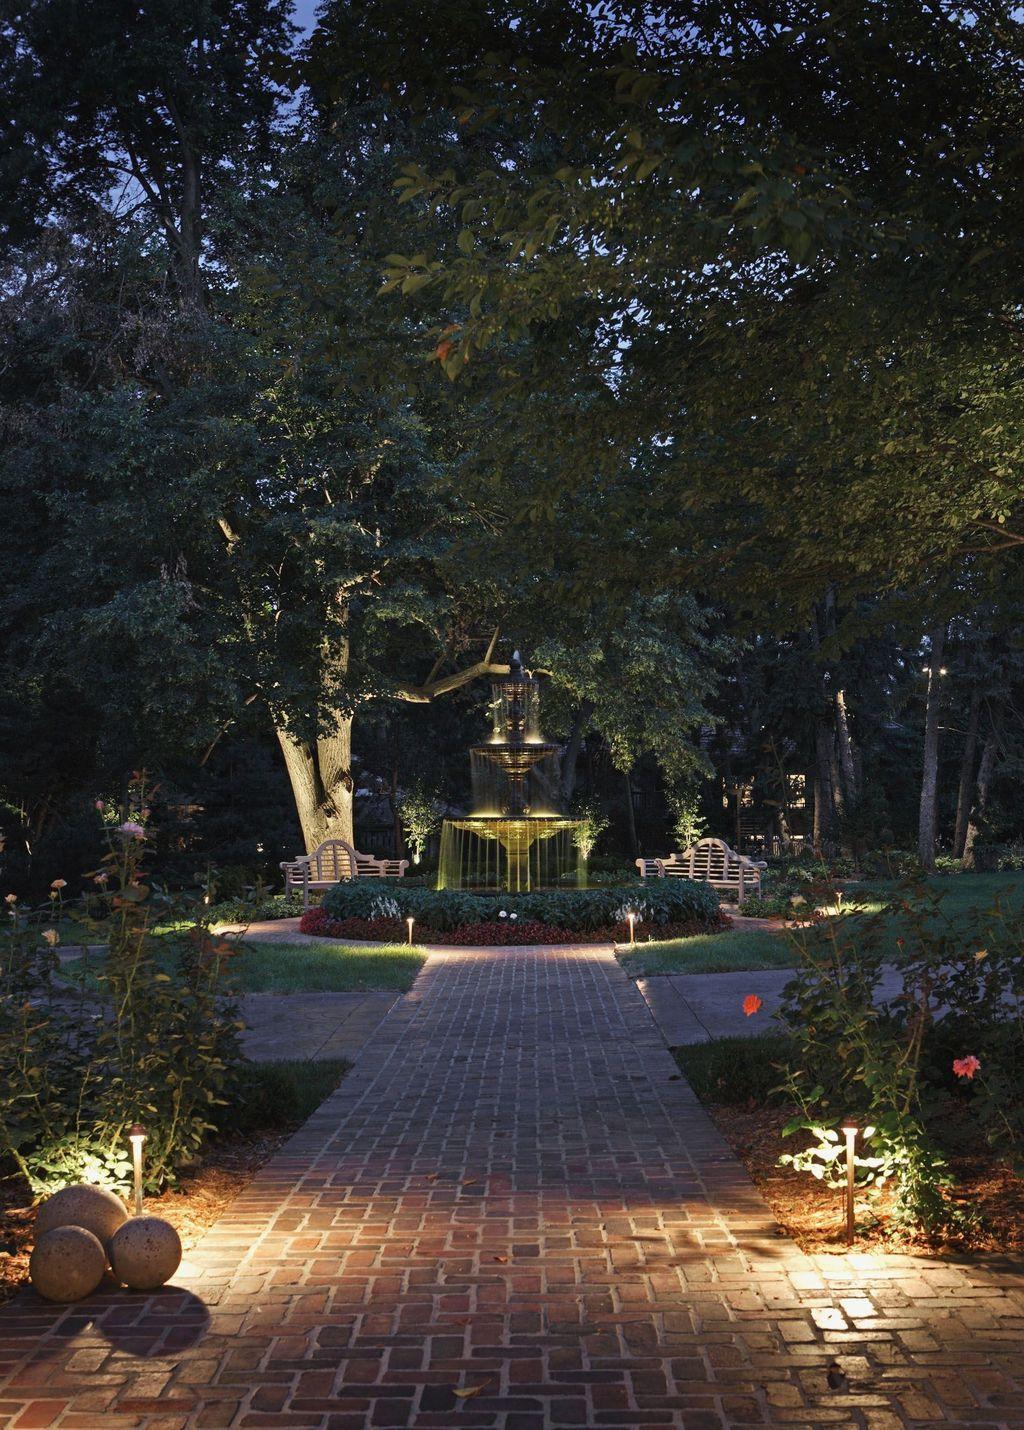 30 Marvelous Garden Lighting Design Ideas 30 Marvelous Garden Lighting Design Ideas In 2020 With Images Outdoor Landscape Lighting Landscape Lighting Design Solar Lights Garden